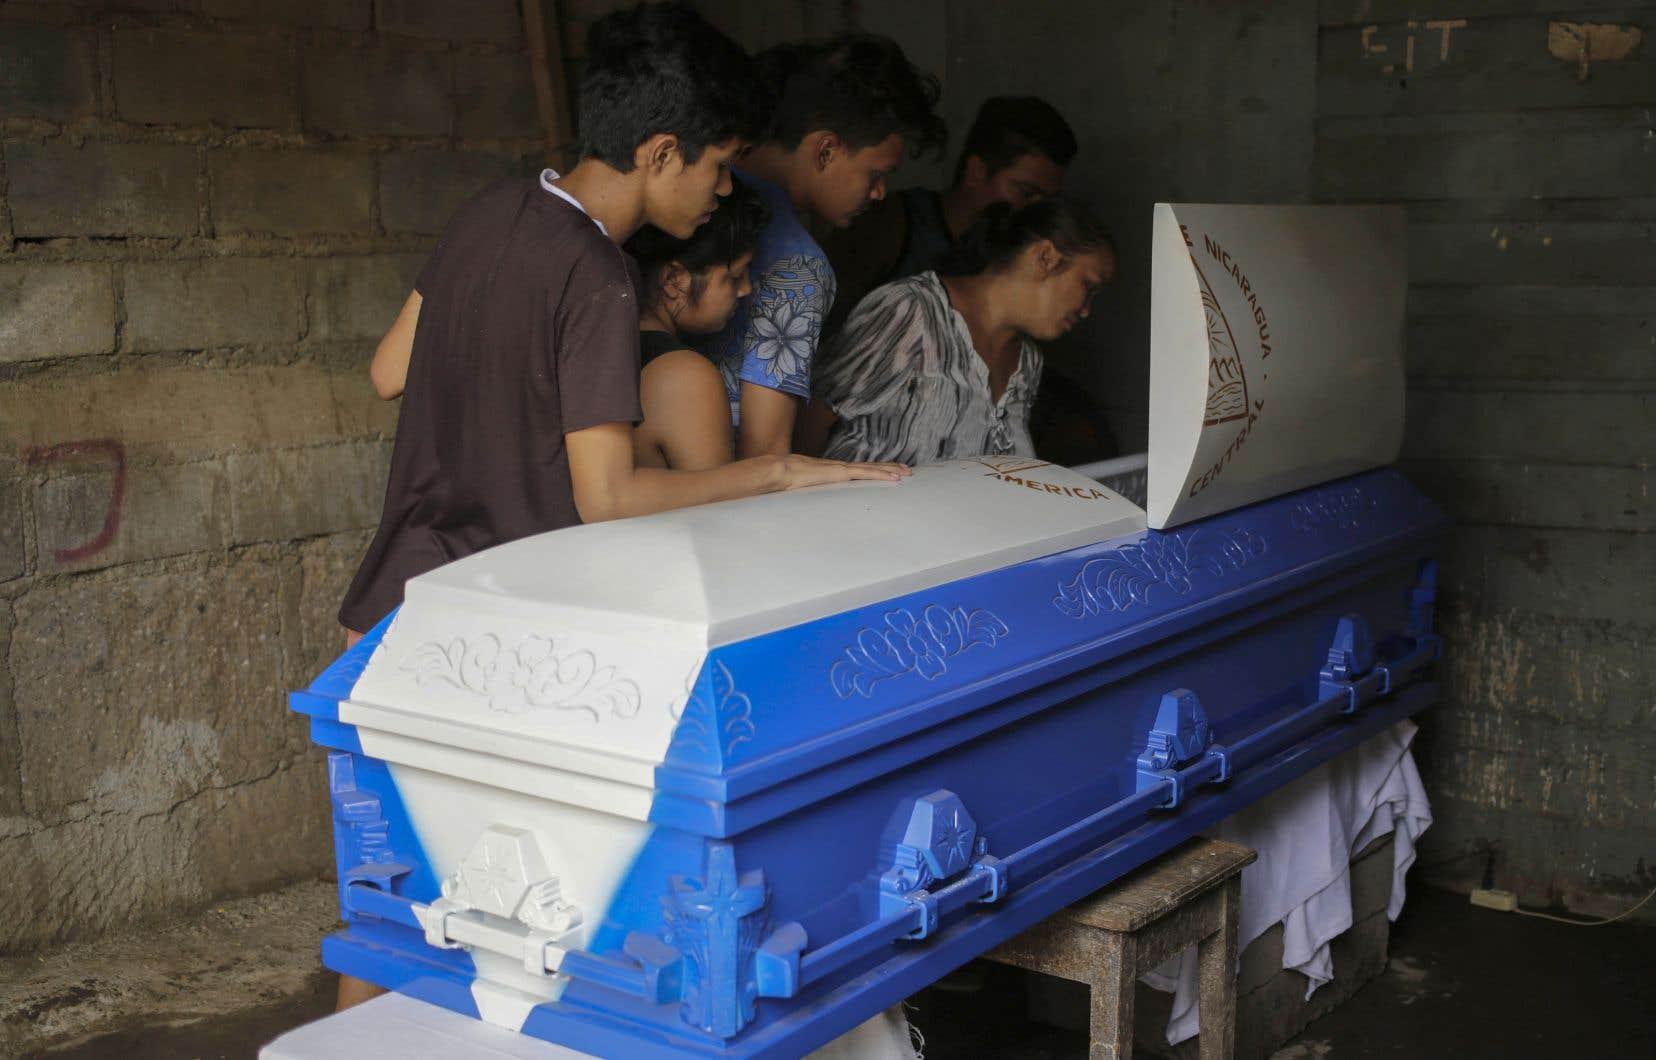 Au moins trois personnes ont été tuées par balle ces dernières heures lors de violentes manifestations, selon le Centre nicaraguayen des droits de l'homme.